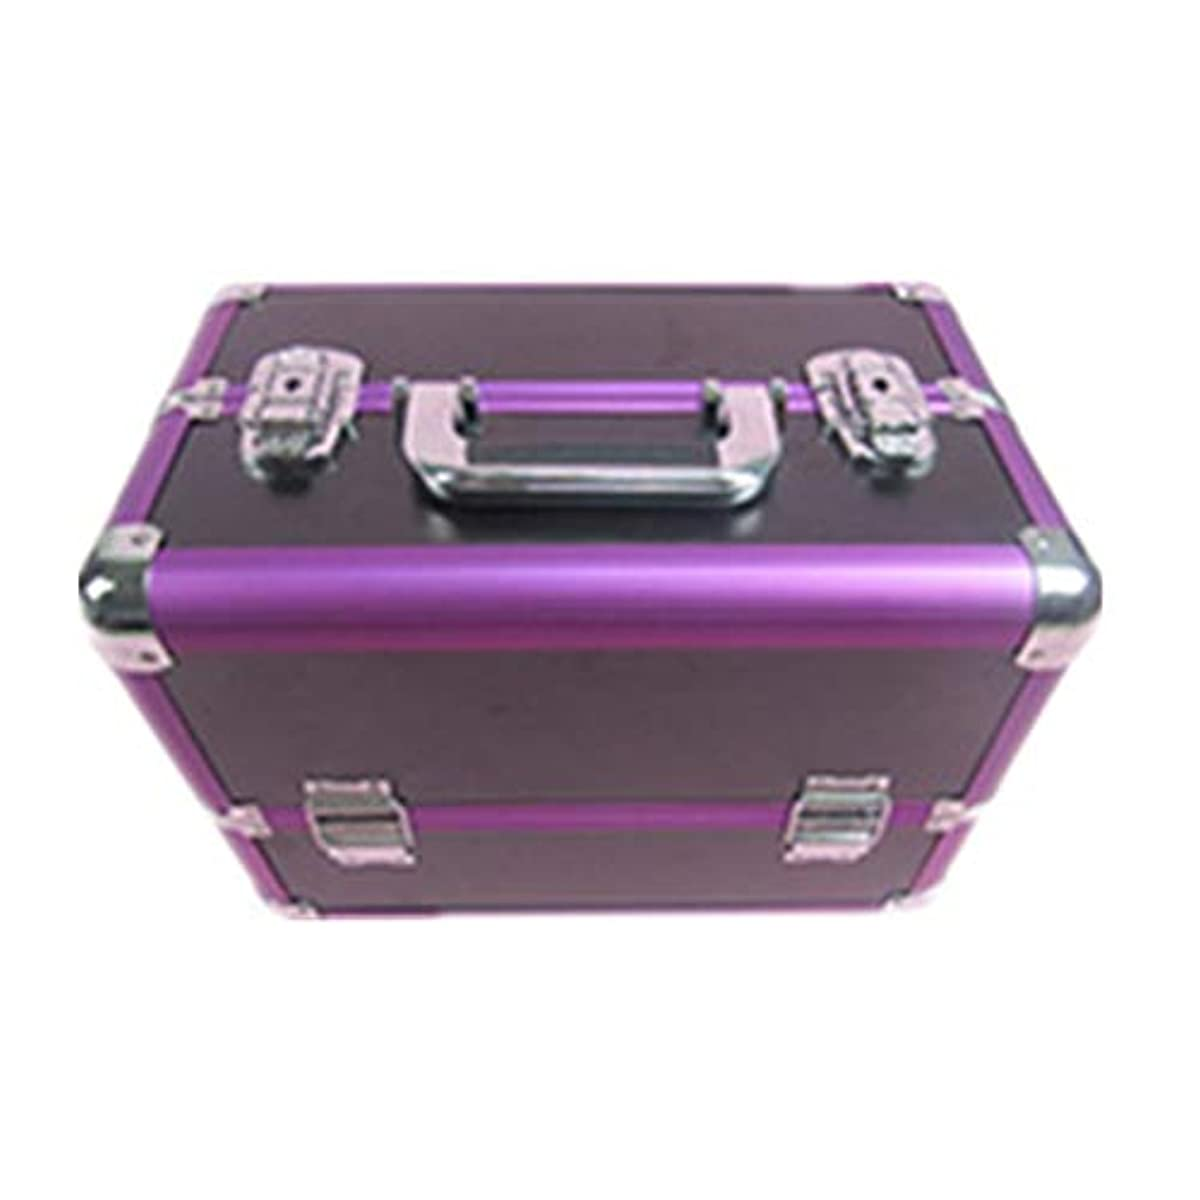 地雷原ワークショップフォーク化粧オーガナイザーバッグ 大容量ポータブル化粧ケース(トラベルアクセサリー用)シャンプーボディウォッシュパーソナルアイテム収納トレイ(エクステンショントレイ付) 化粧品ケース